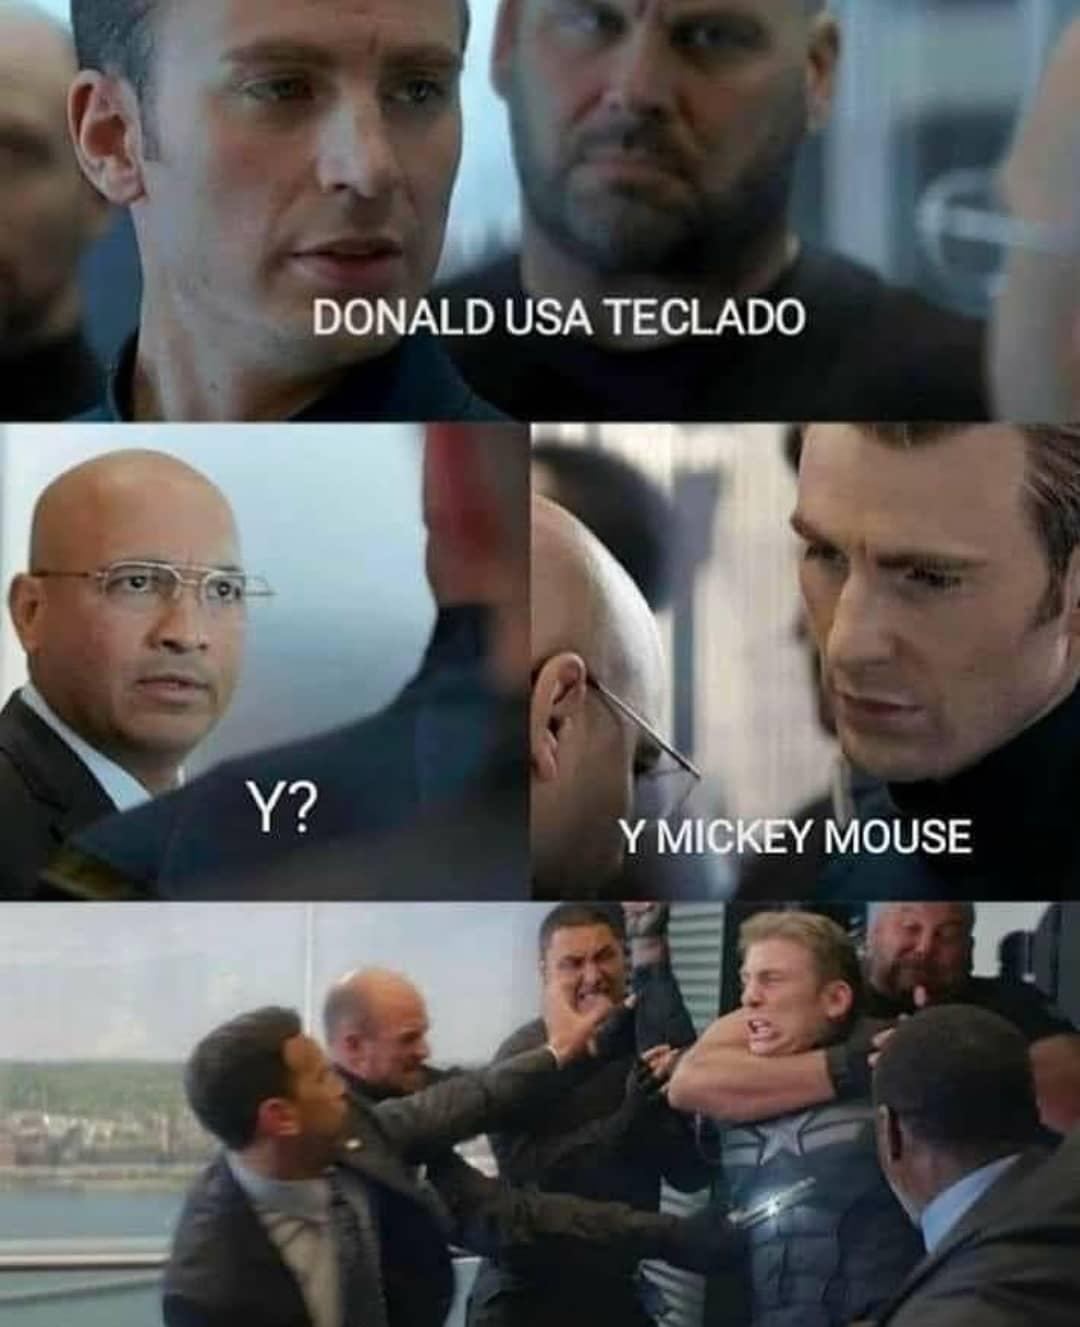 Donald usa teclado.  y?  Mickey mouse.